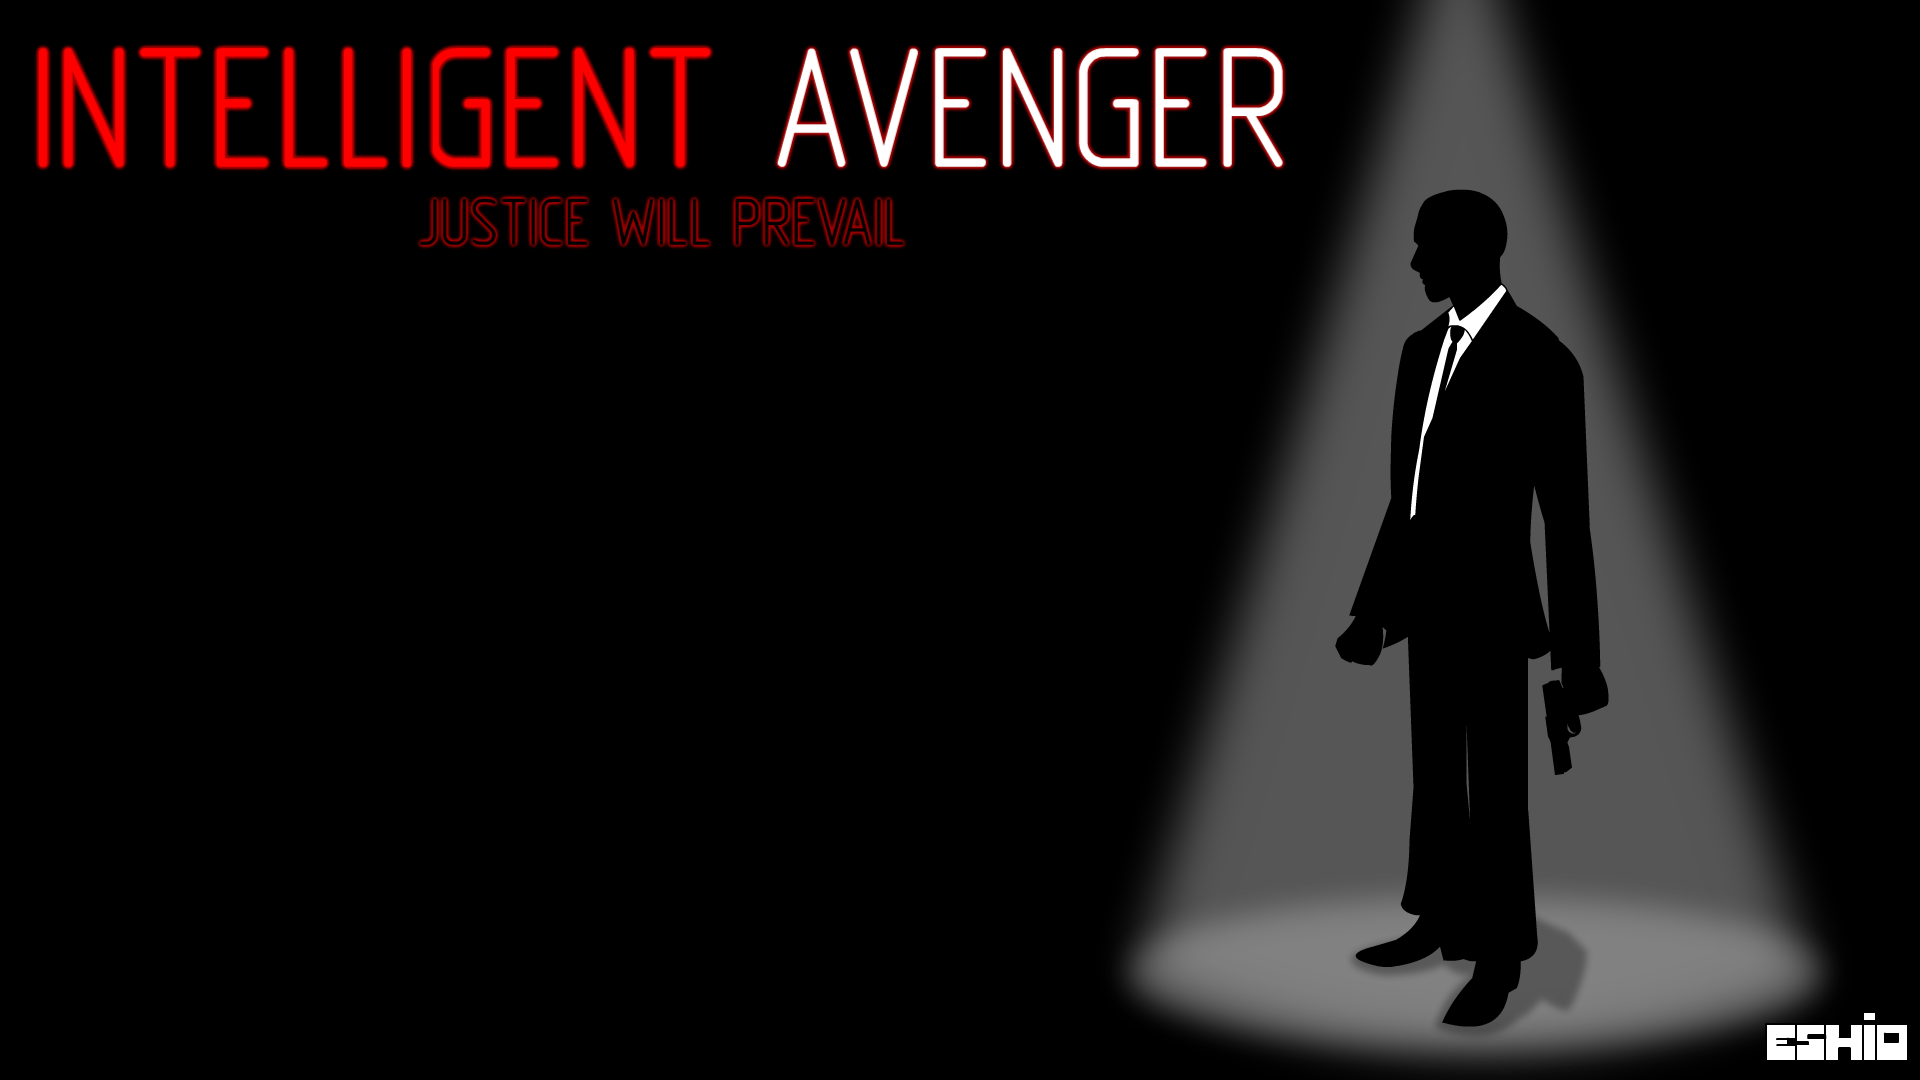 Intelligent Avenger Poster1